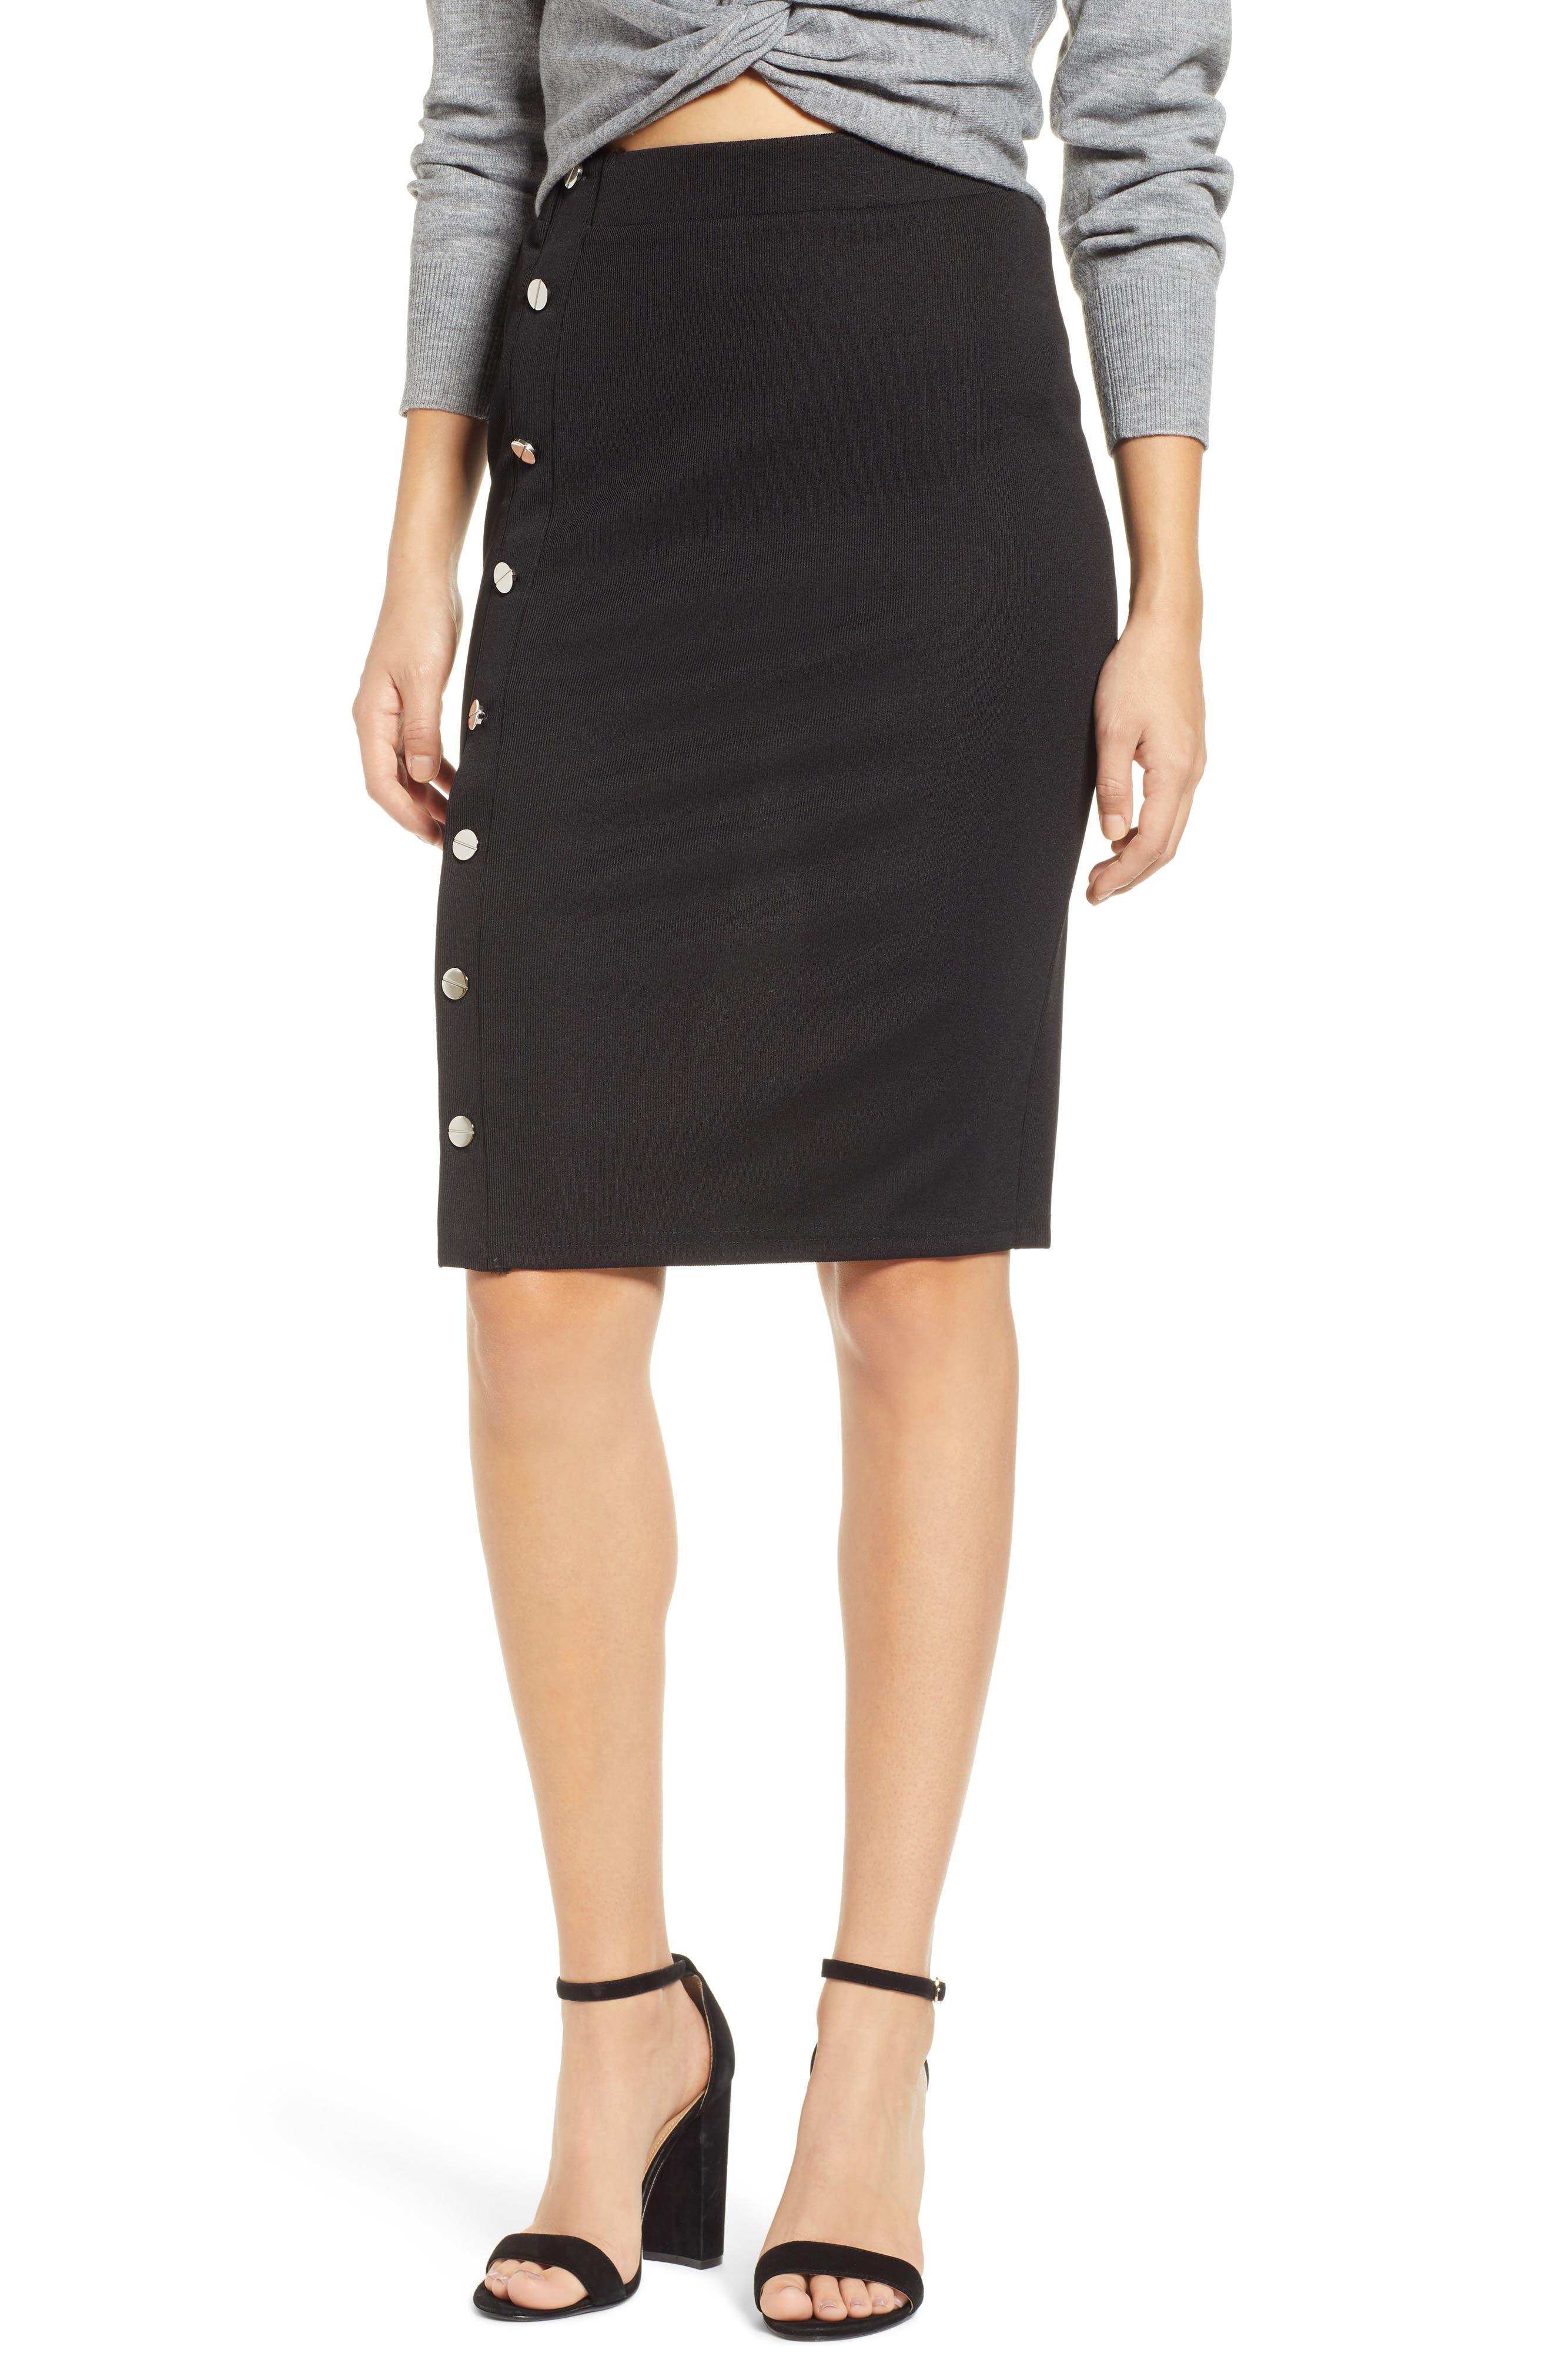 JOA Button Detail Knit Skirt in Black